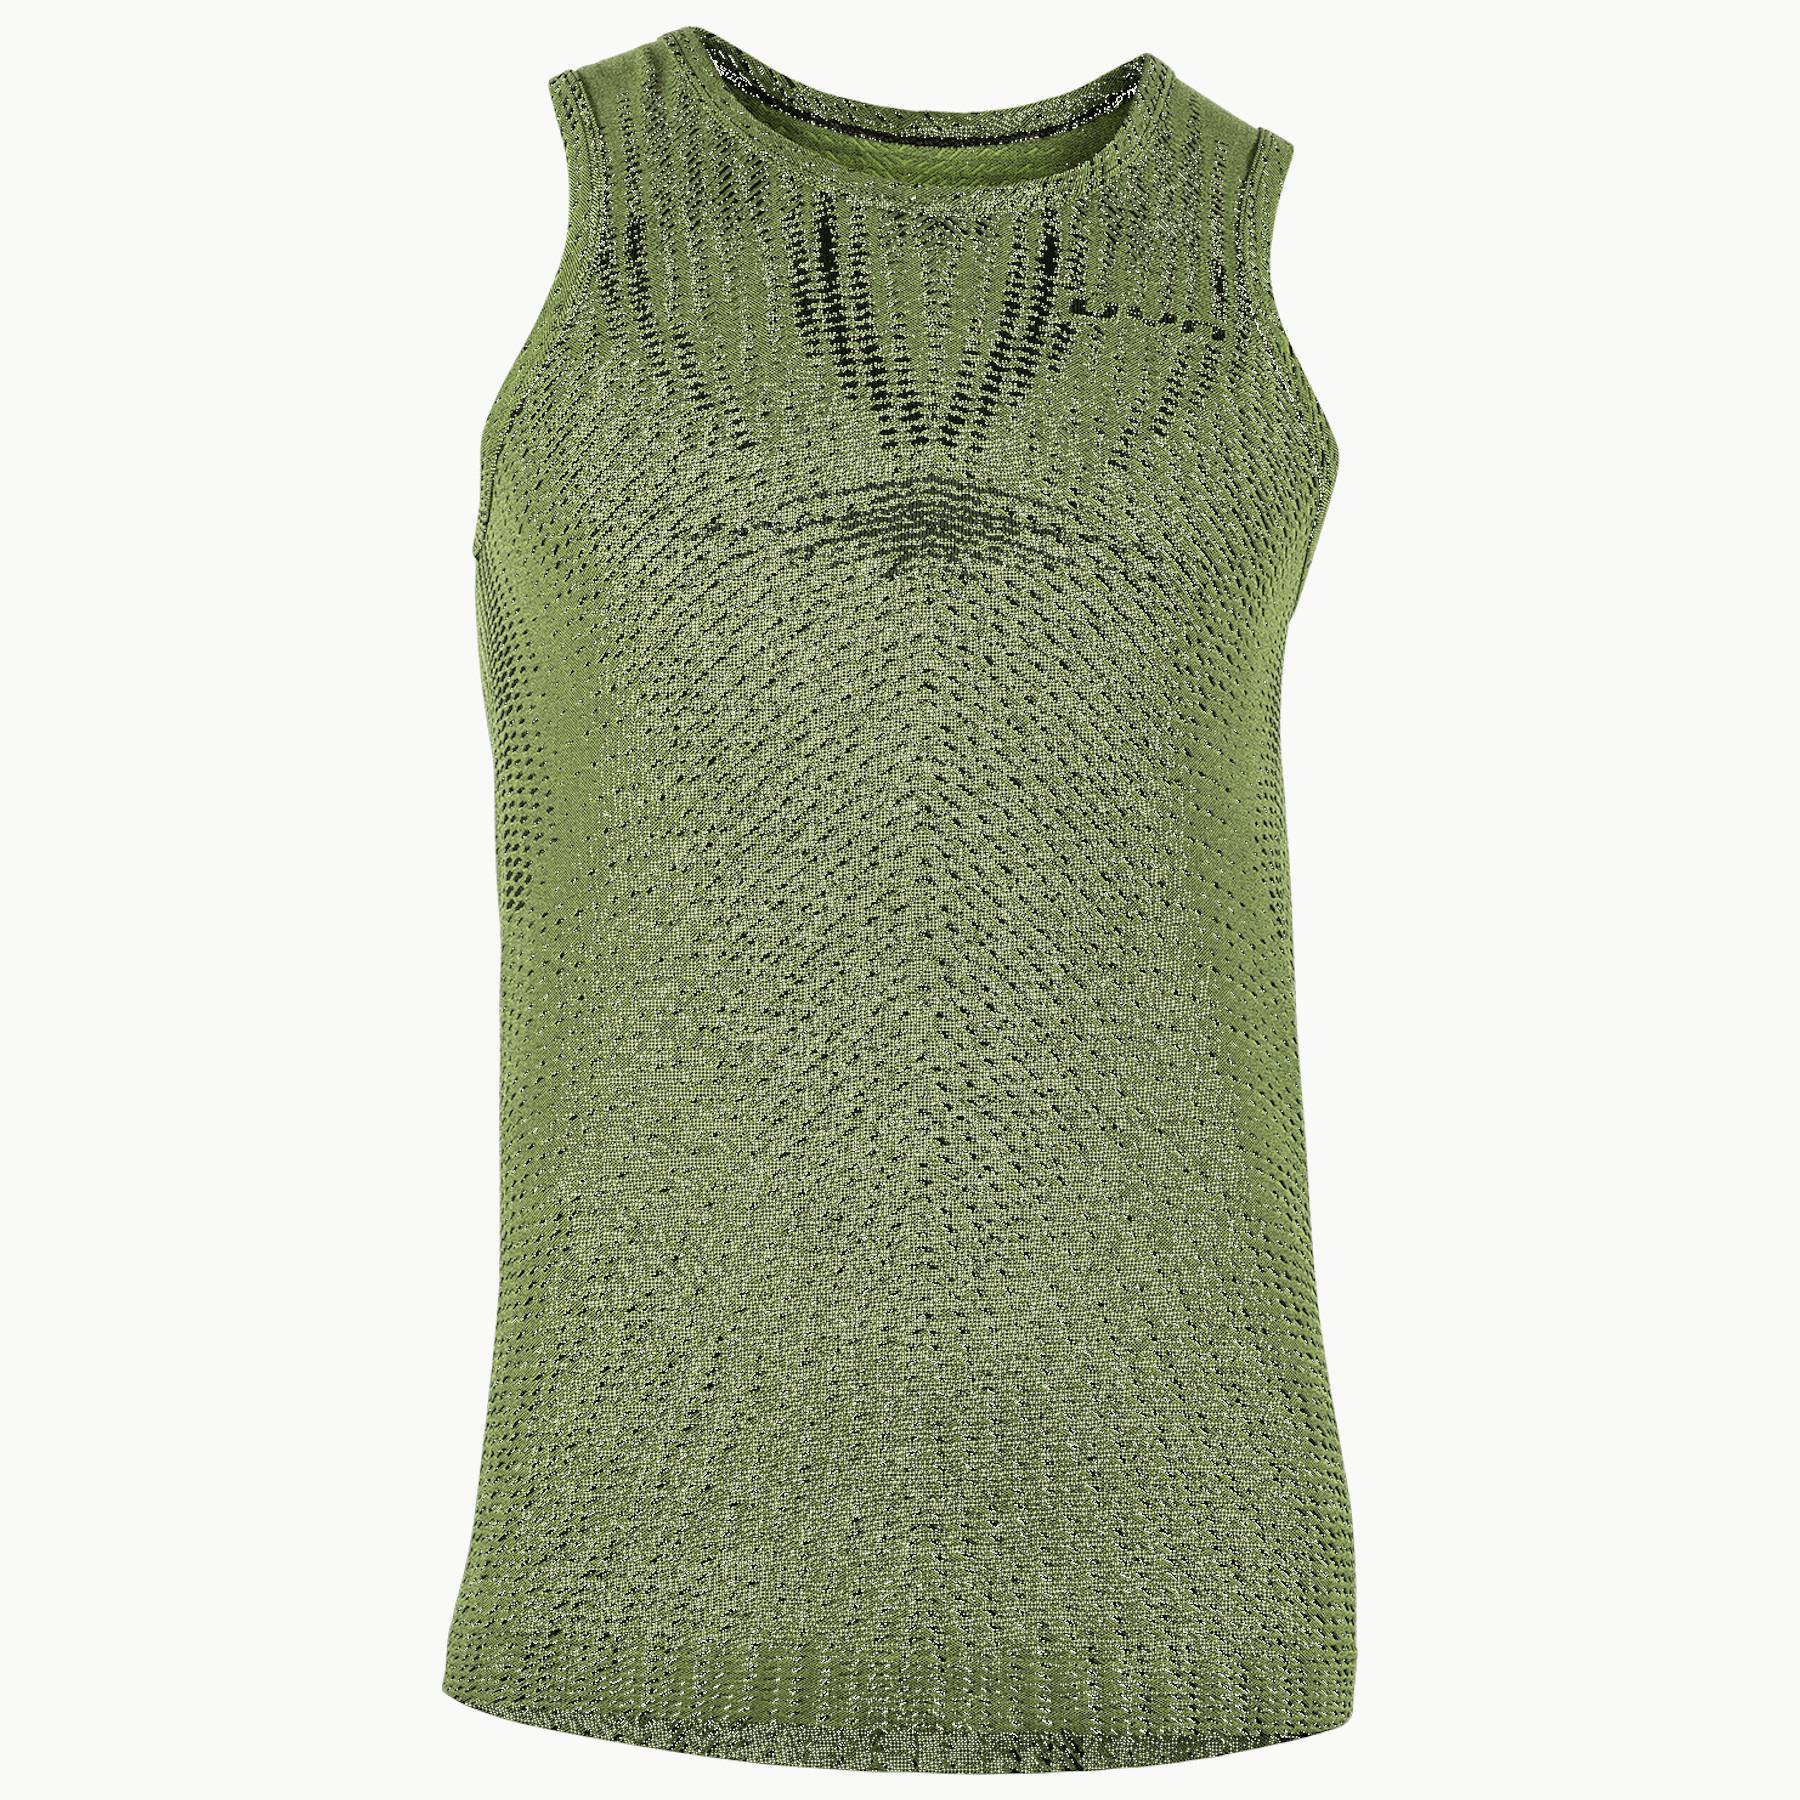 UYN Activyon Running 2.0 Sleeveless Shirt - Green Parrot / Parrot Light